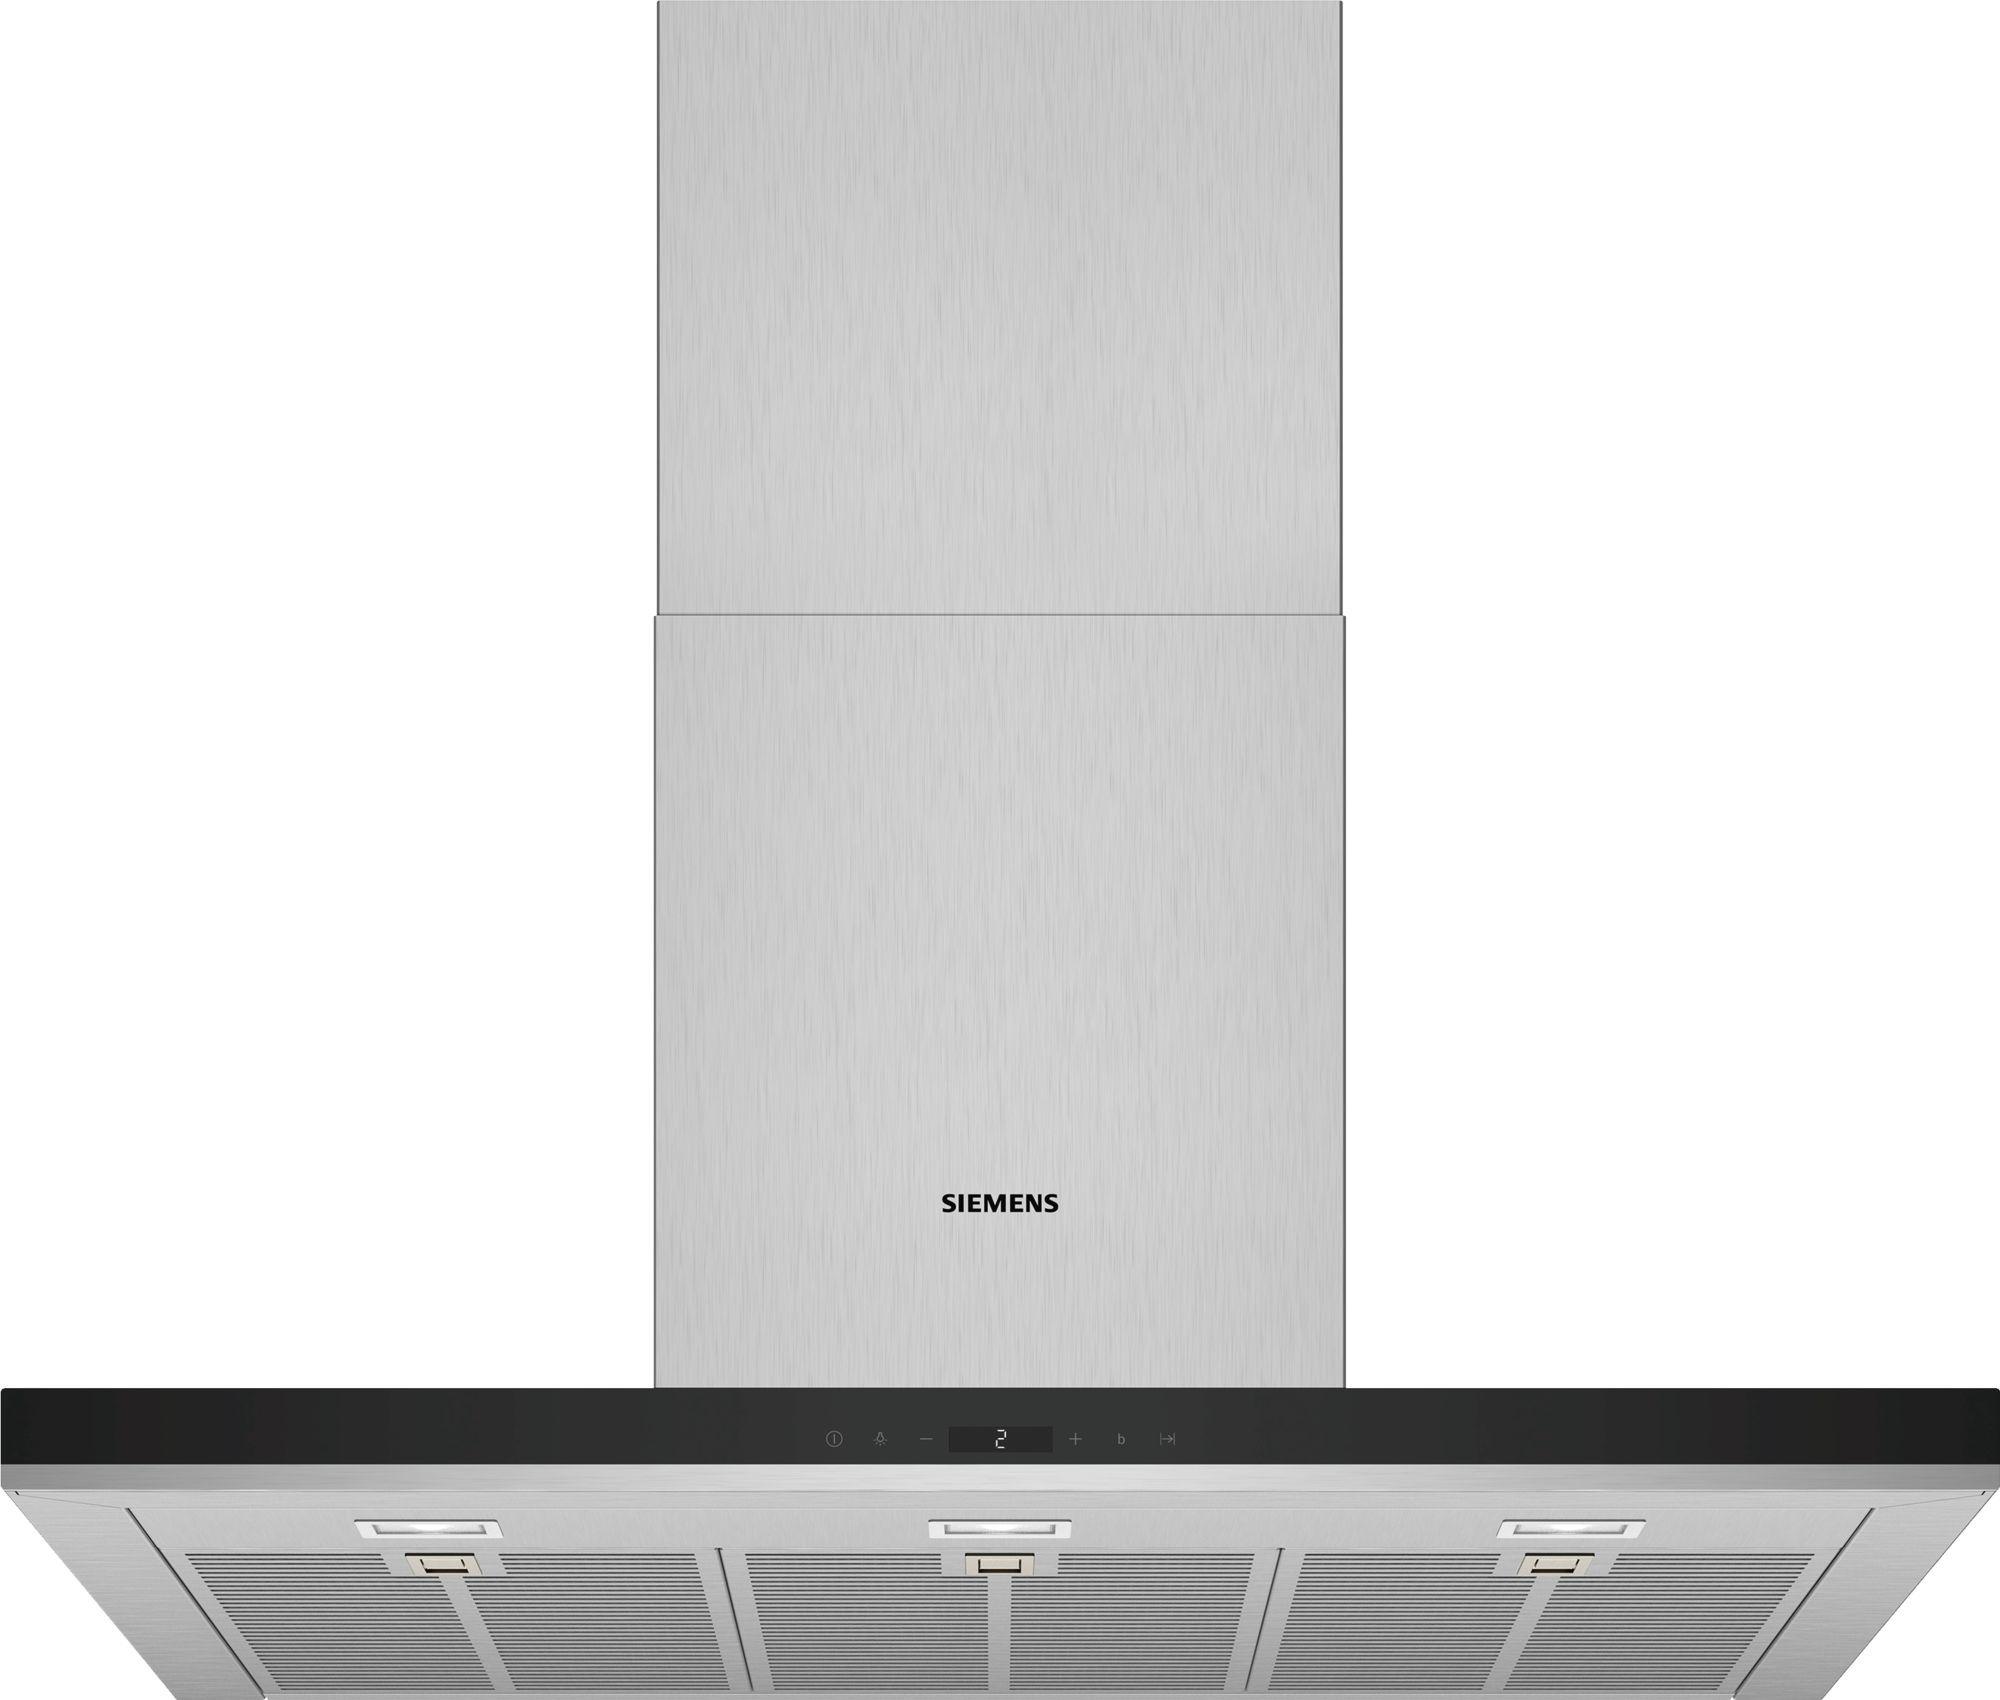 Siemens LC97BIP50 Schouwkap Staal